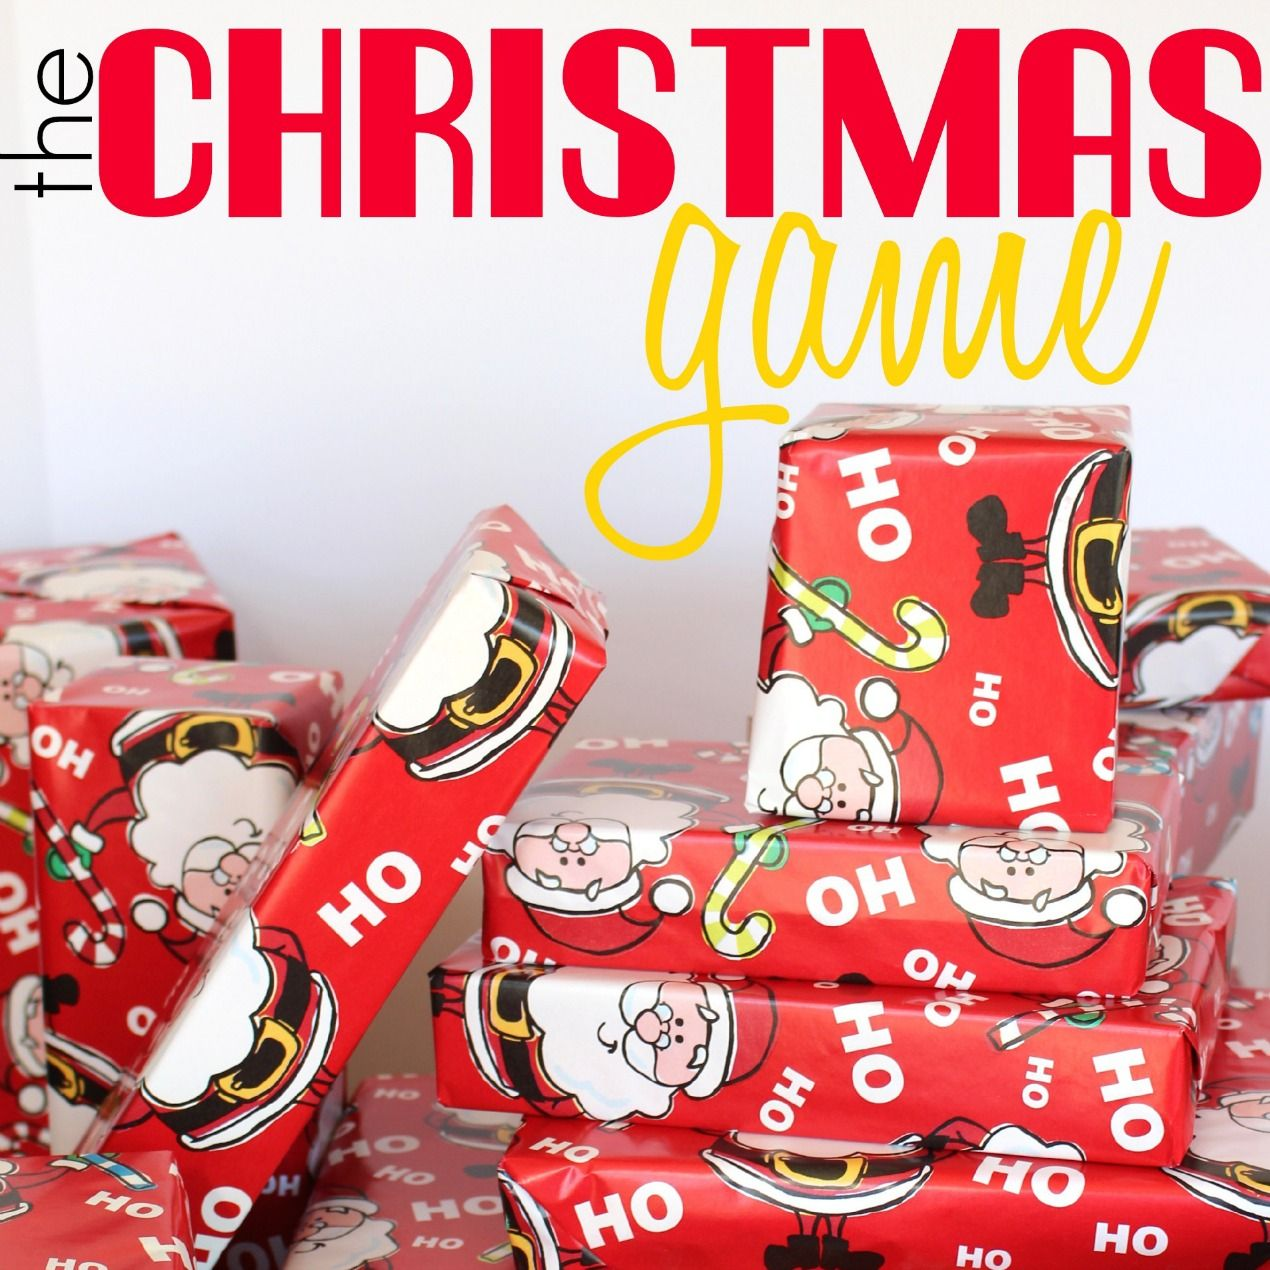 The Christmas Game Life, Christmas eve and Us